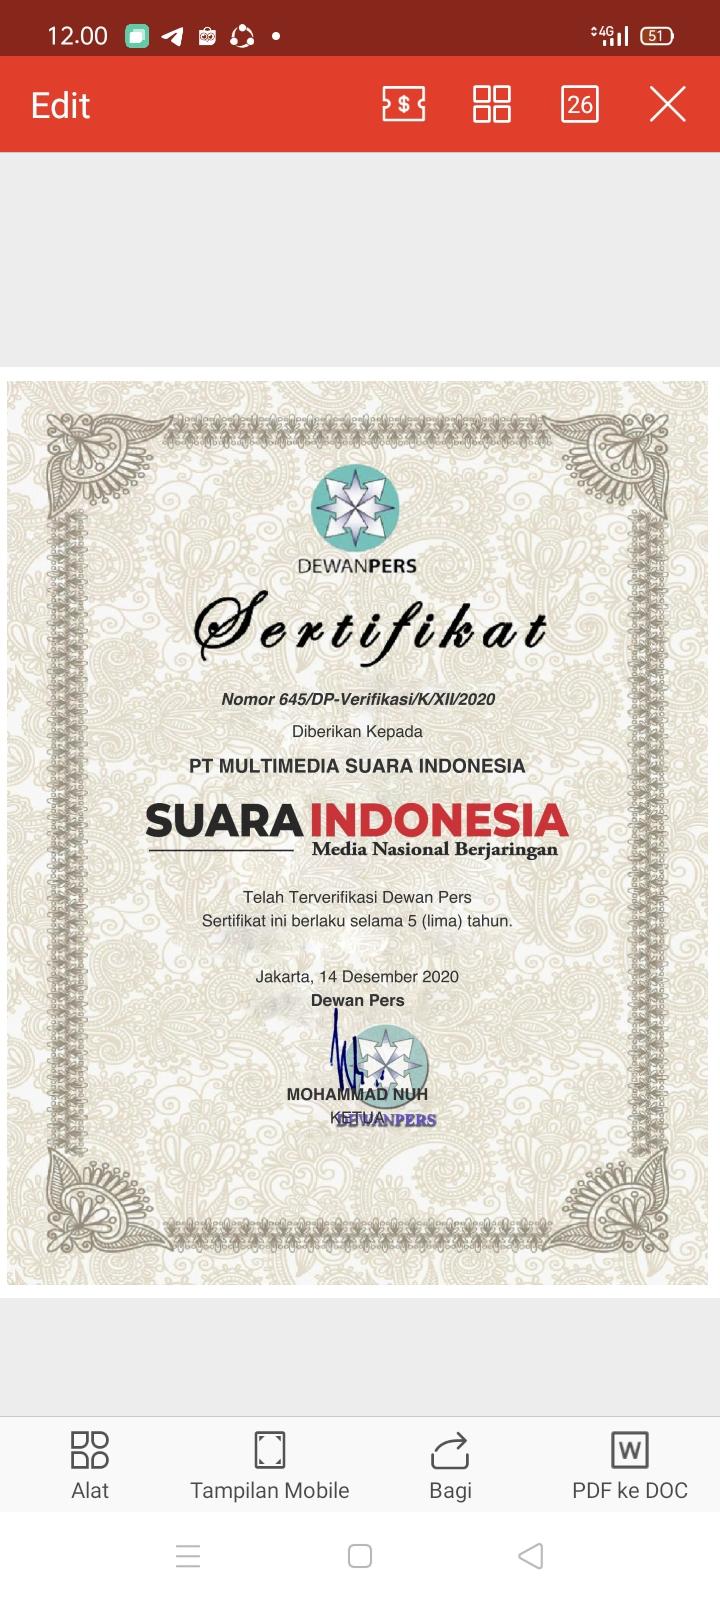 Suaraindonesia.co.id Terverifikasi Faktual dan Bersertifikat Dewan Pers